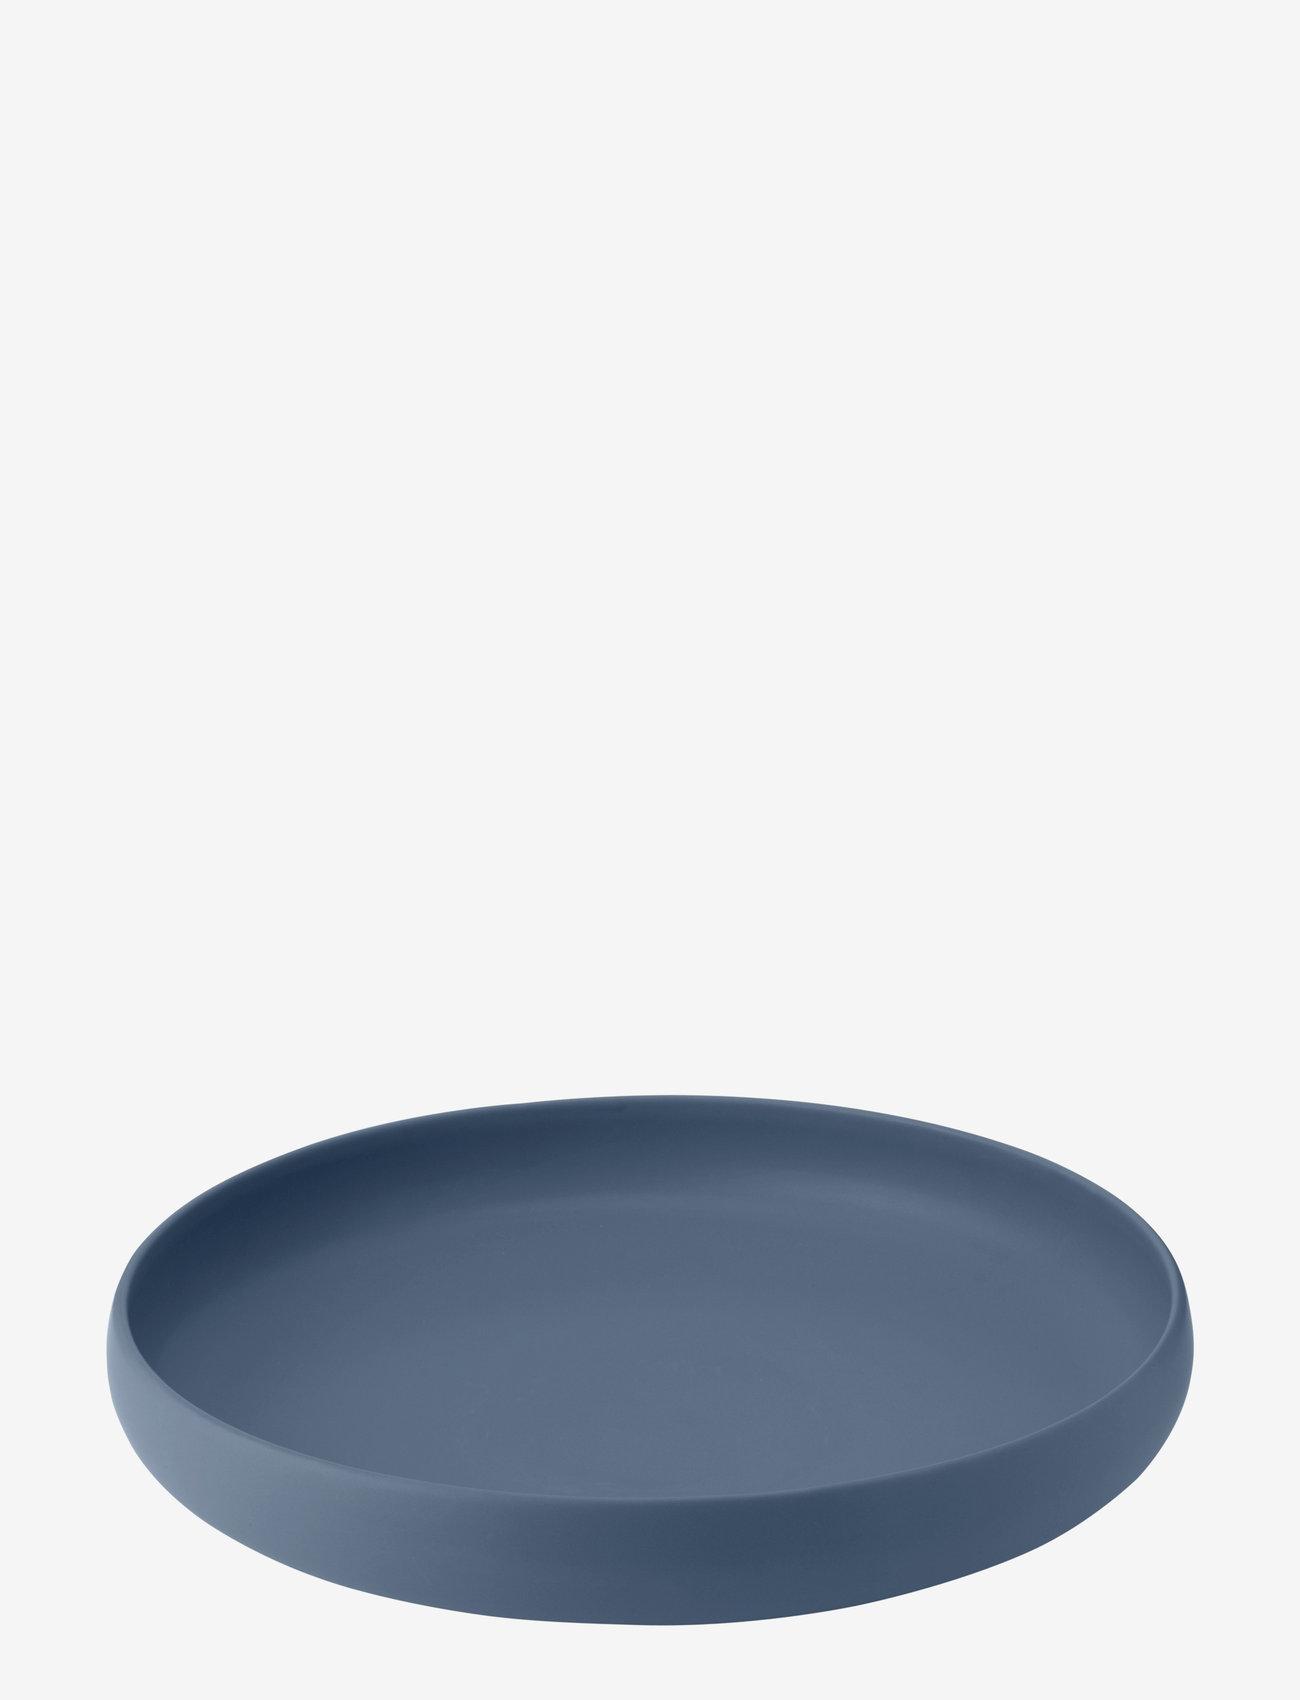 Knabstrup Keramik - Earth fat - serveringsfat - dusty blue - 0